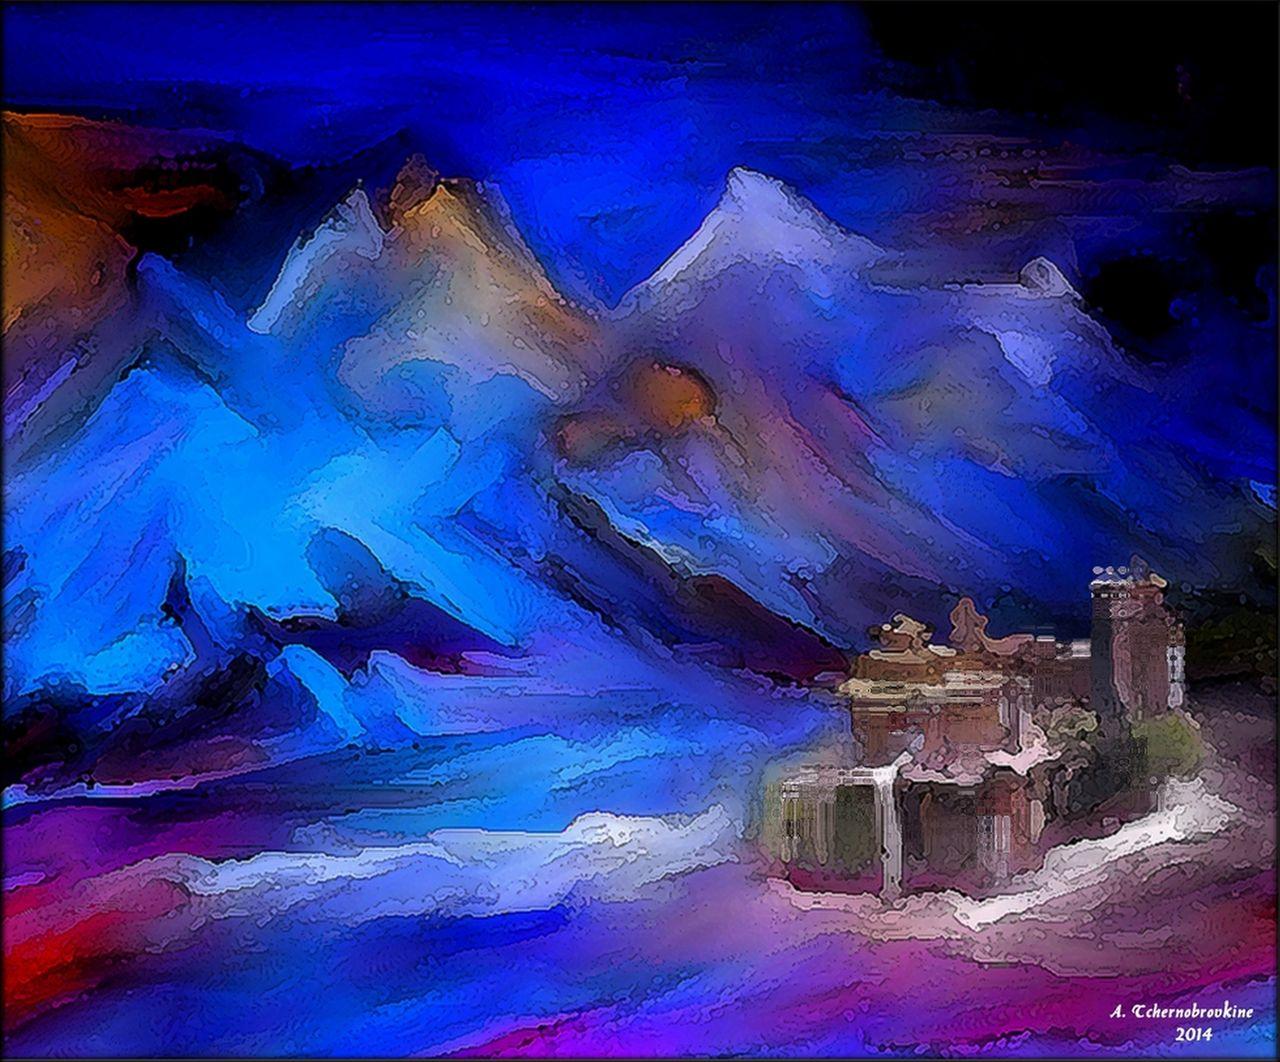 TCHERNOBROVKINE Alexandre Le Monastère en montagne